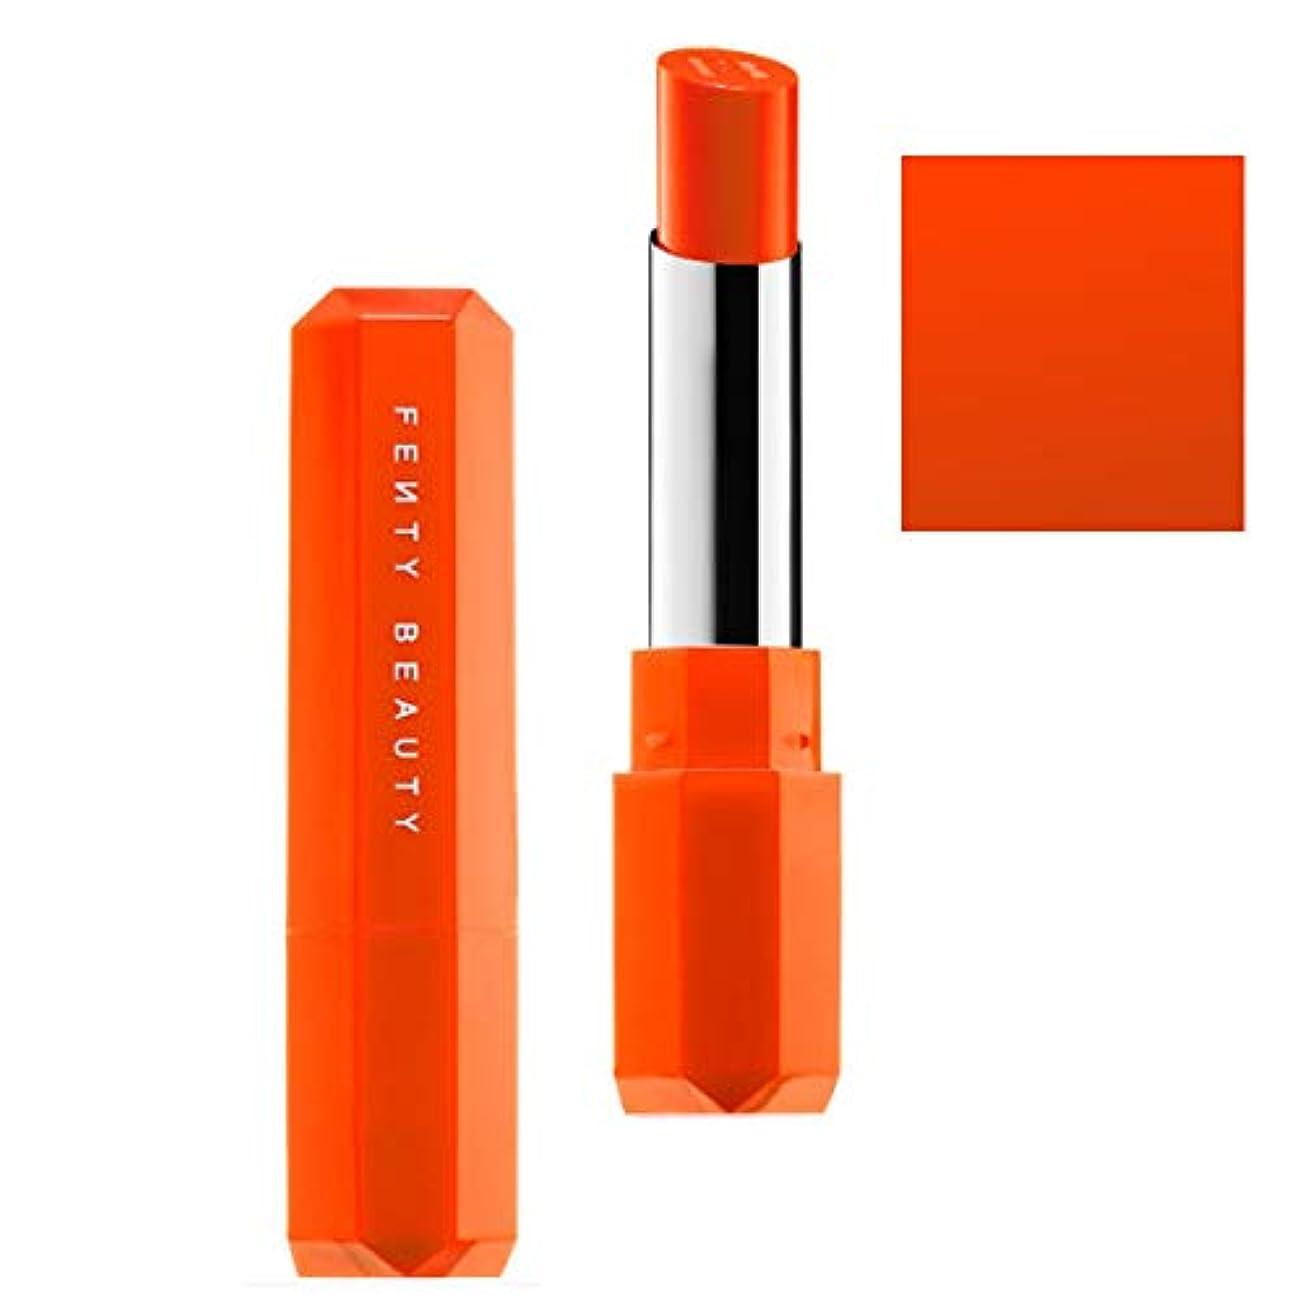 飼い慣らす価格するFENTY BEAUTY BY RIHANNA,New!!, 限定版 limited-edition, Poutsicle Juicy Satin Lipstick - Sun Snatched [海外直送品] [並行輸入品]